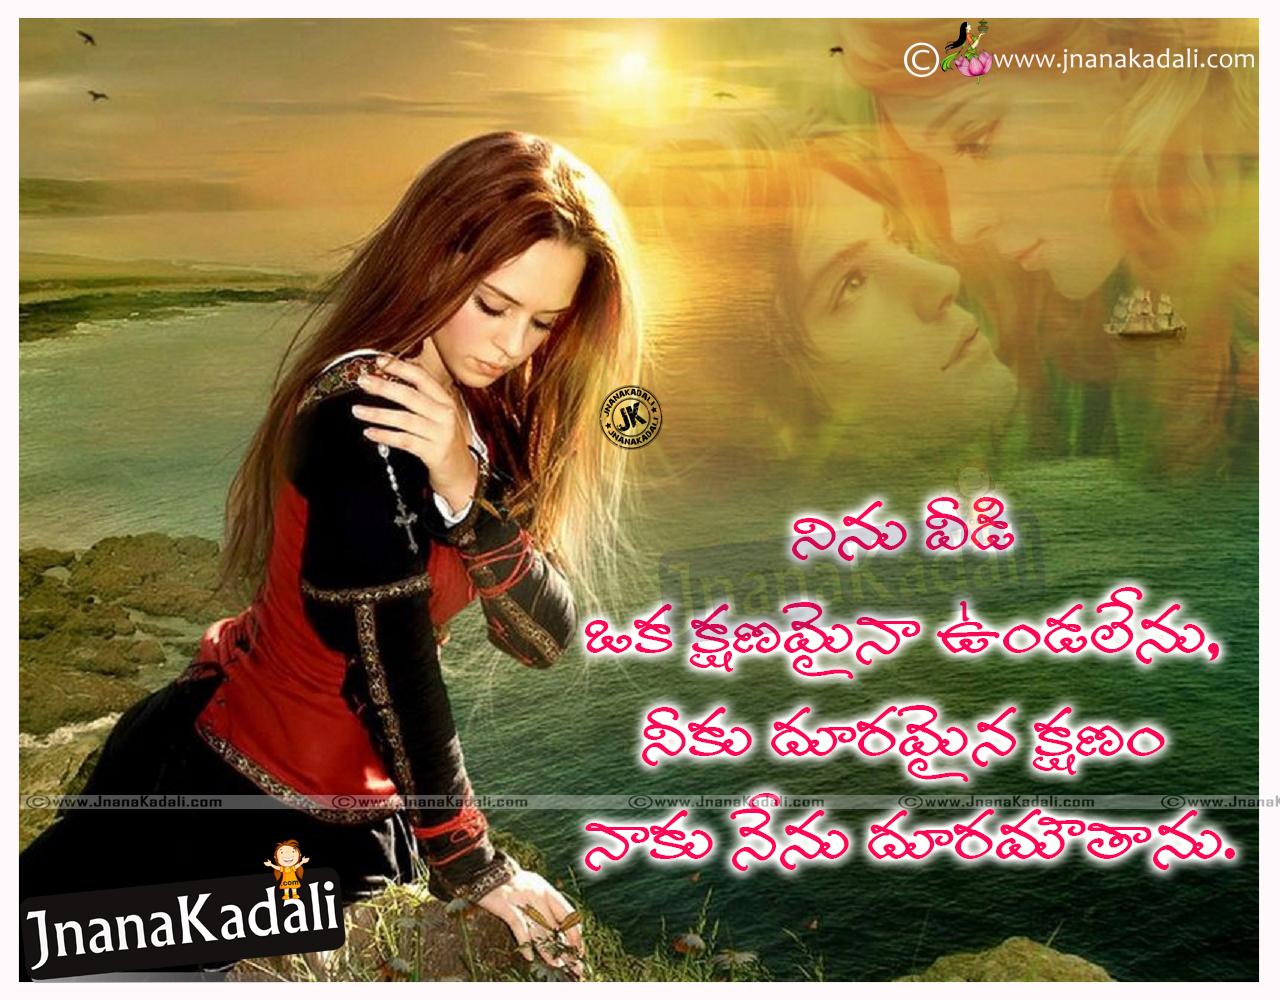 may 2016 jnana kadali com telugu quotes english quotes